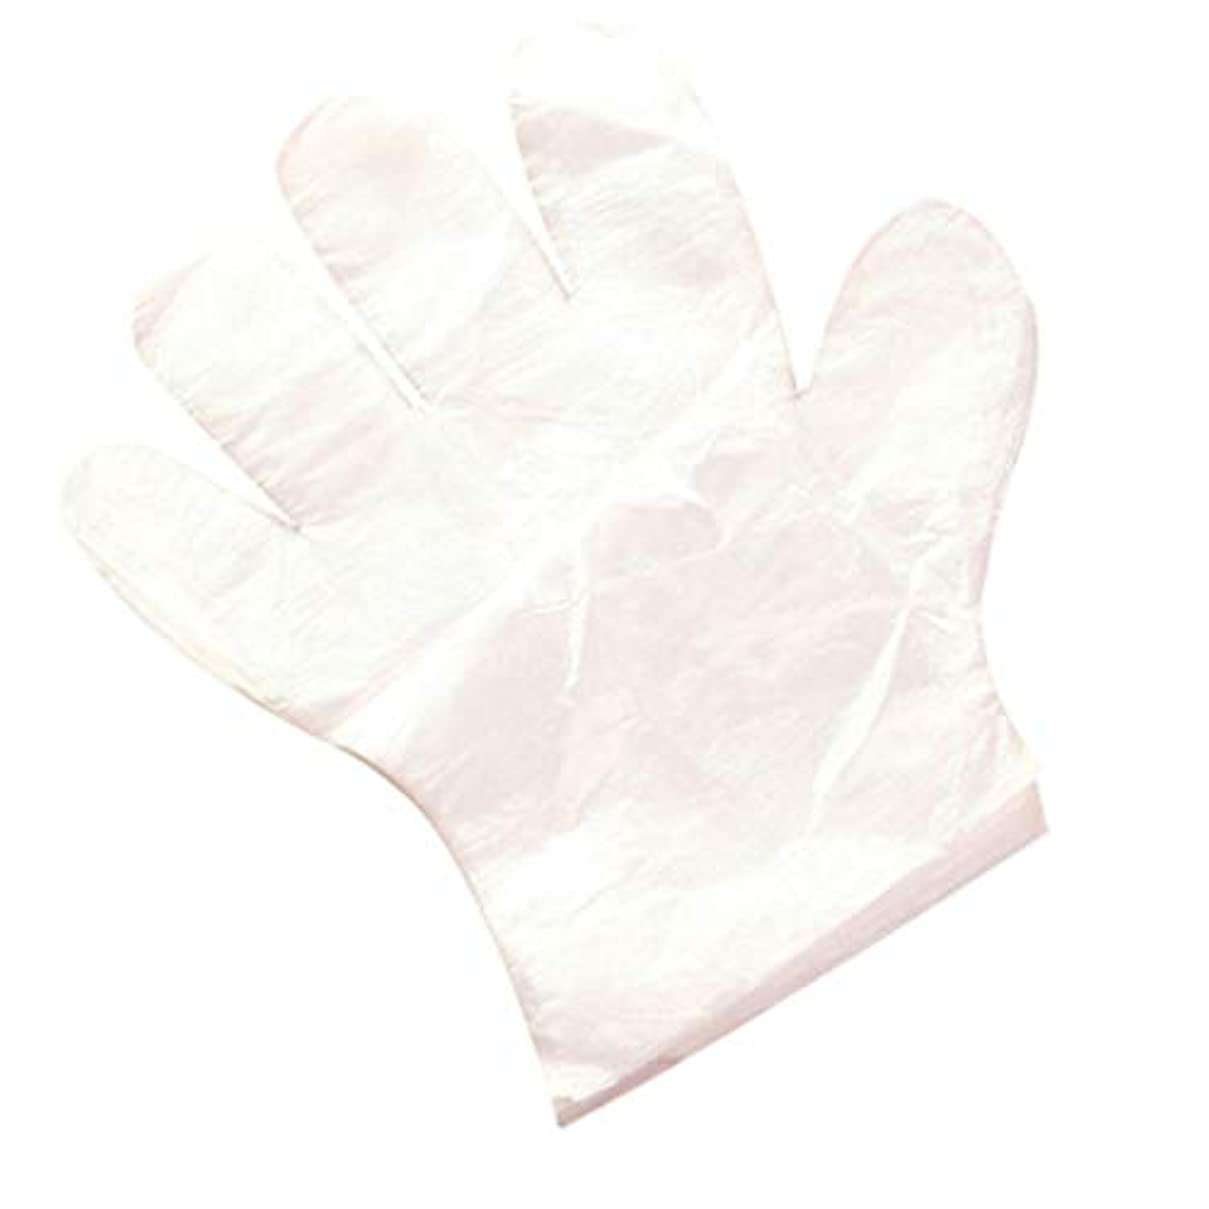 報いる勇気天使家庭用家庭の清掃および衛生用使い捨て手袋を食べる使い捨て手袋 (UnitCount : 500only)